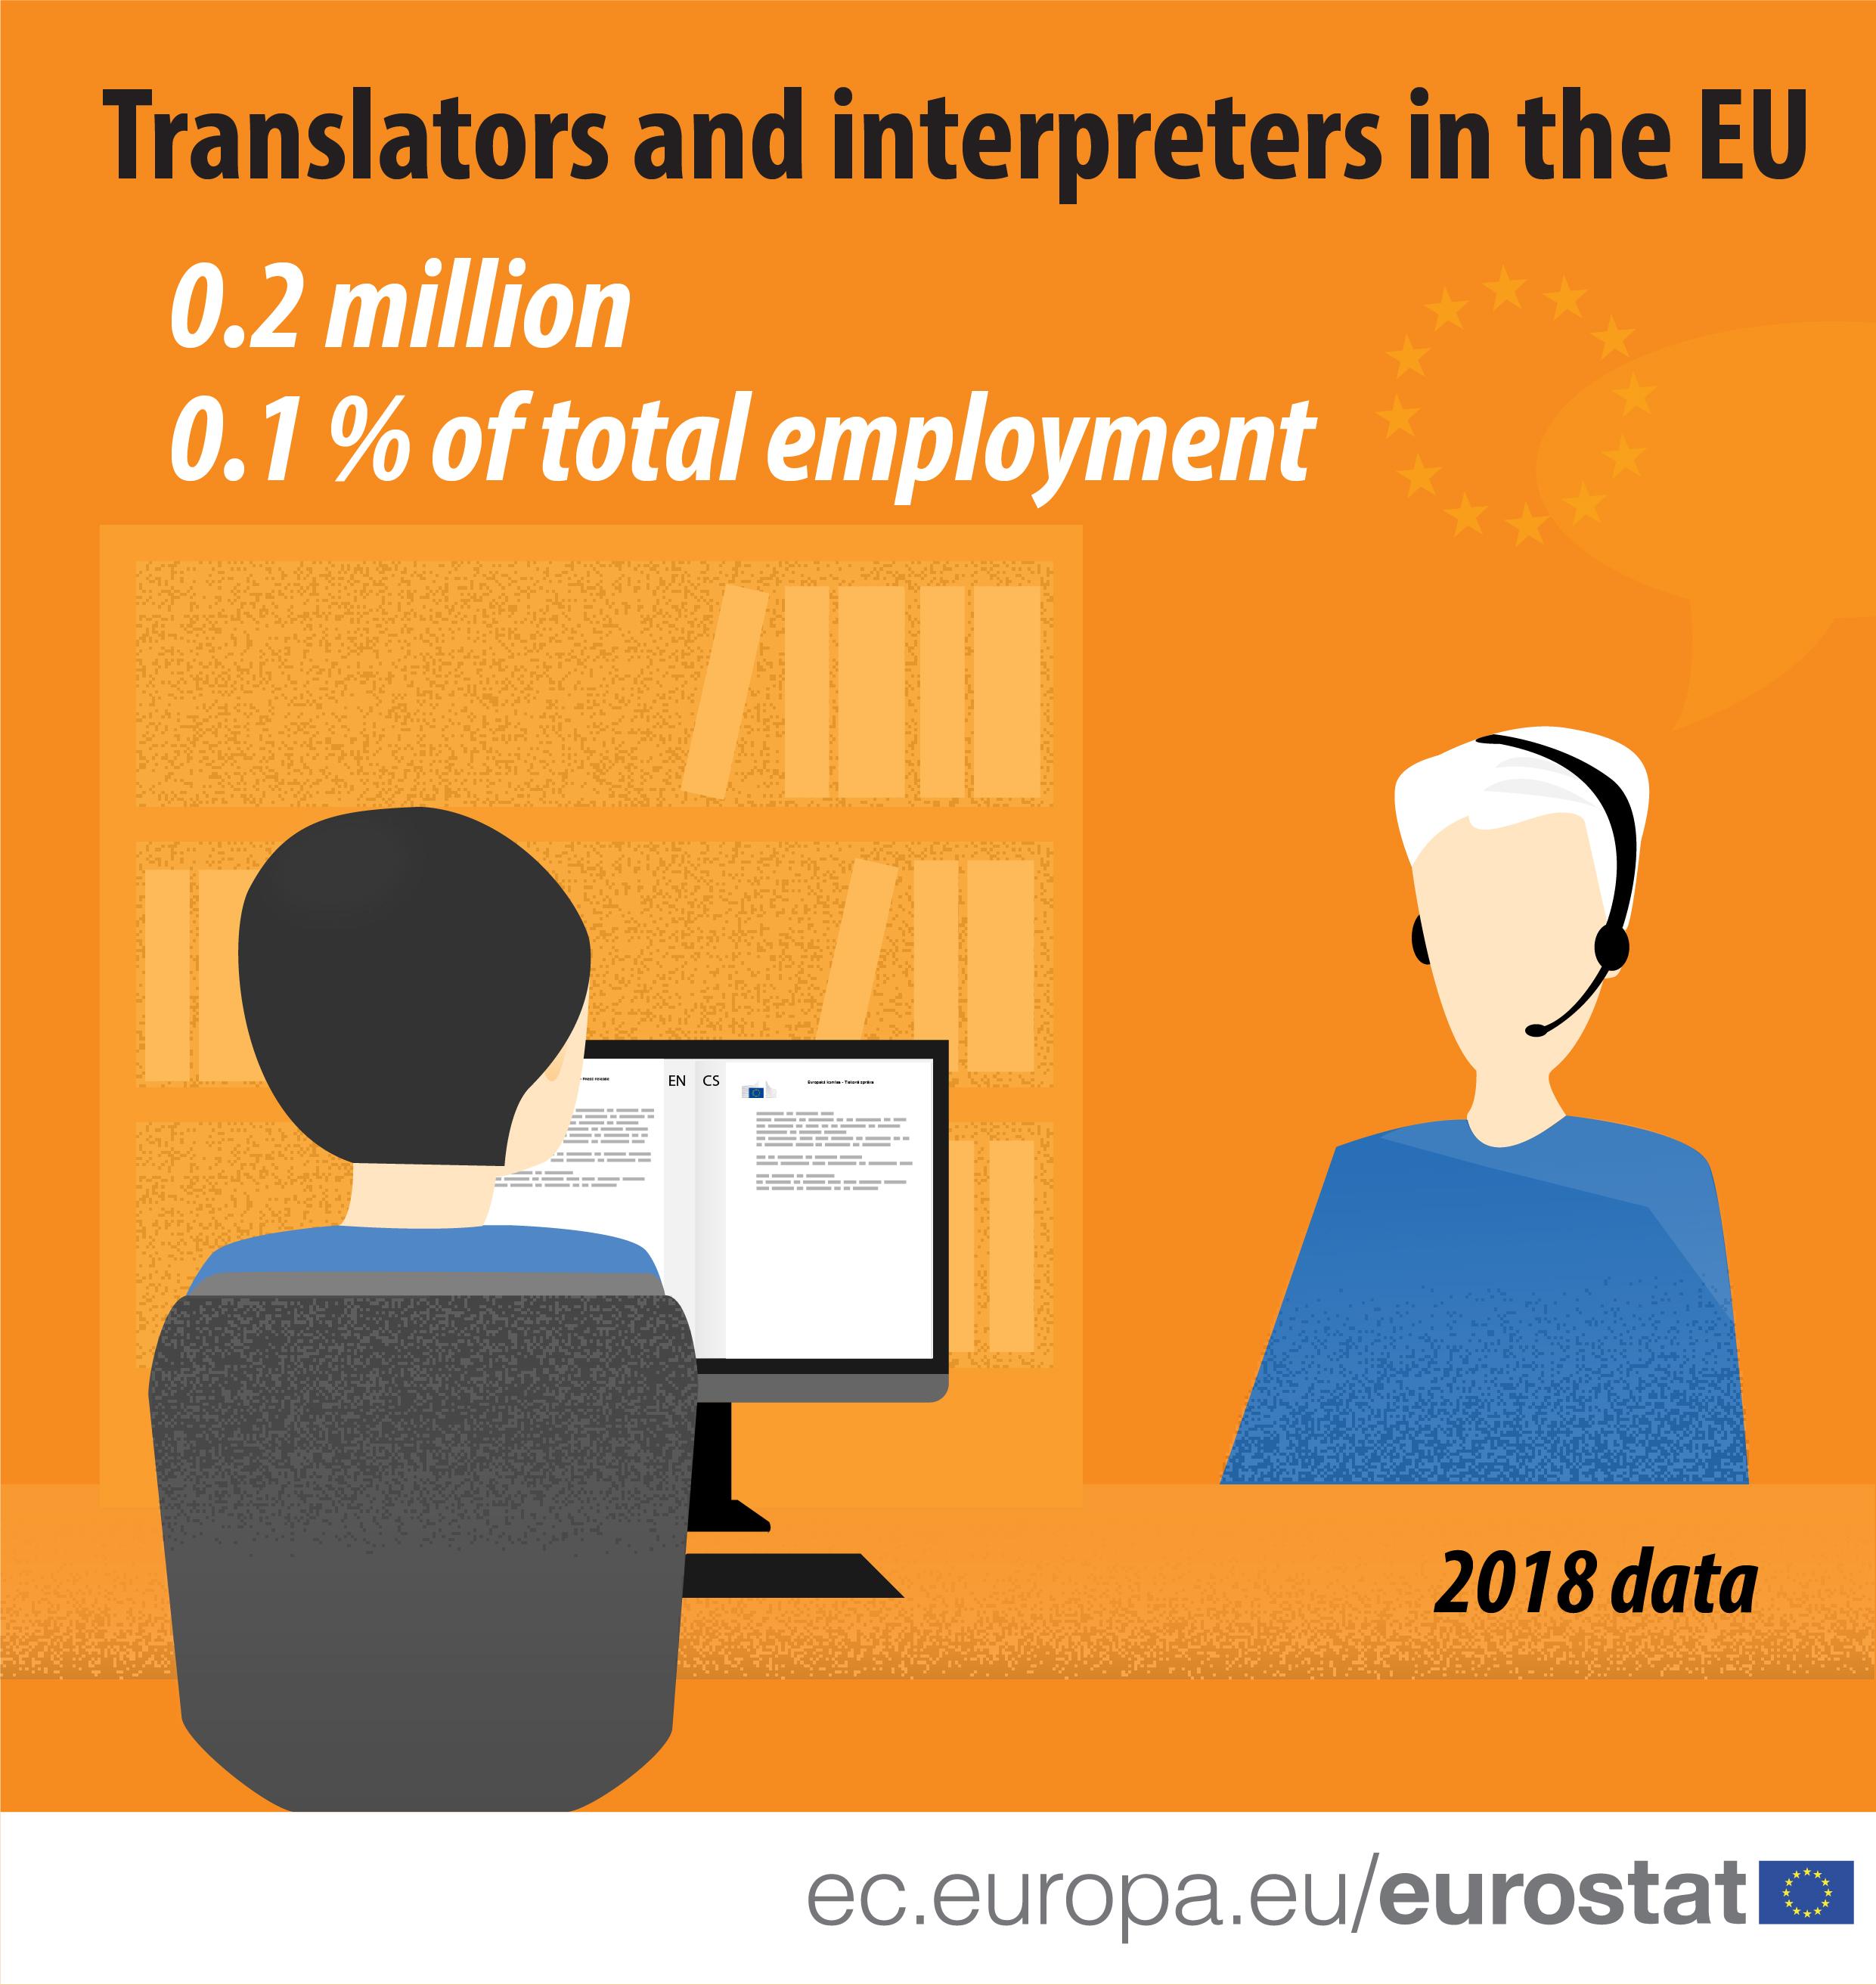 Translators and interpreters in the EU, 2018